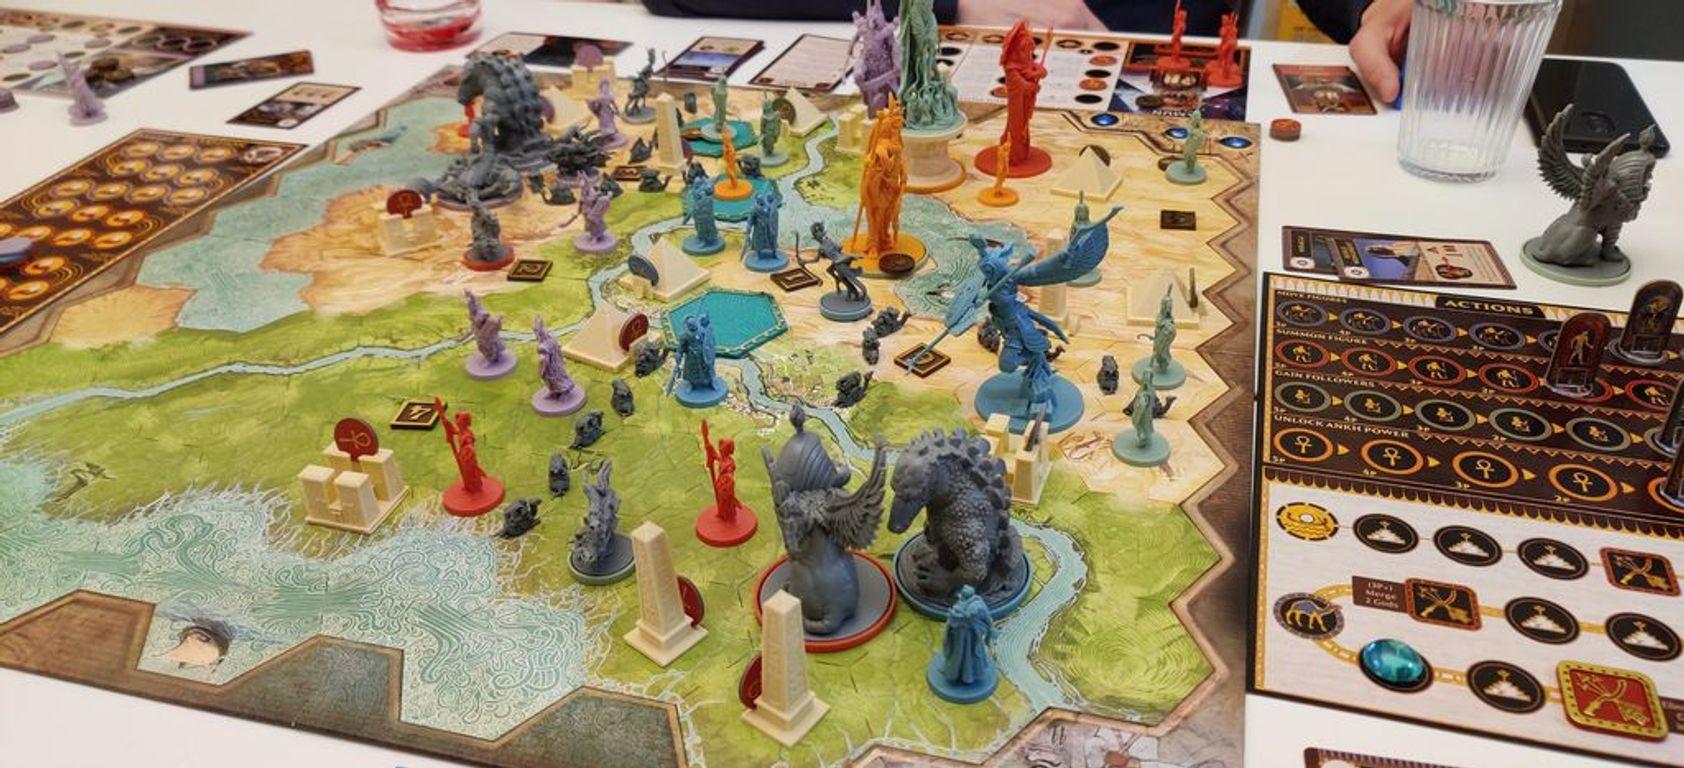 Ankh: Gods of Egypt gameplay